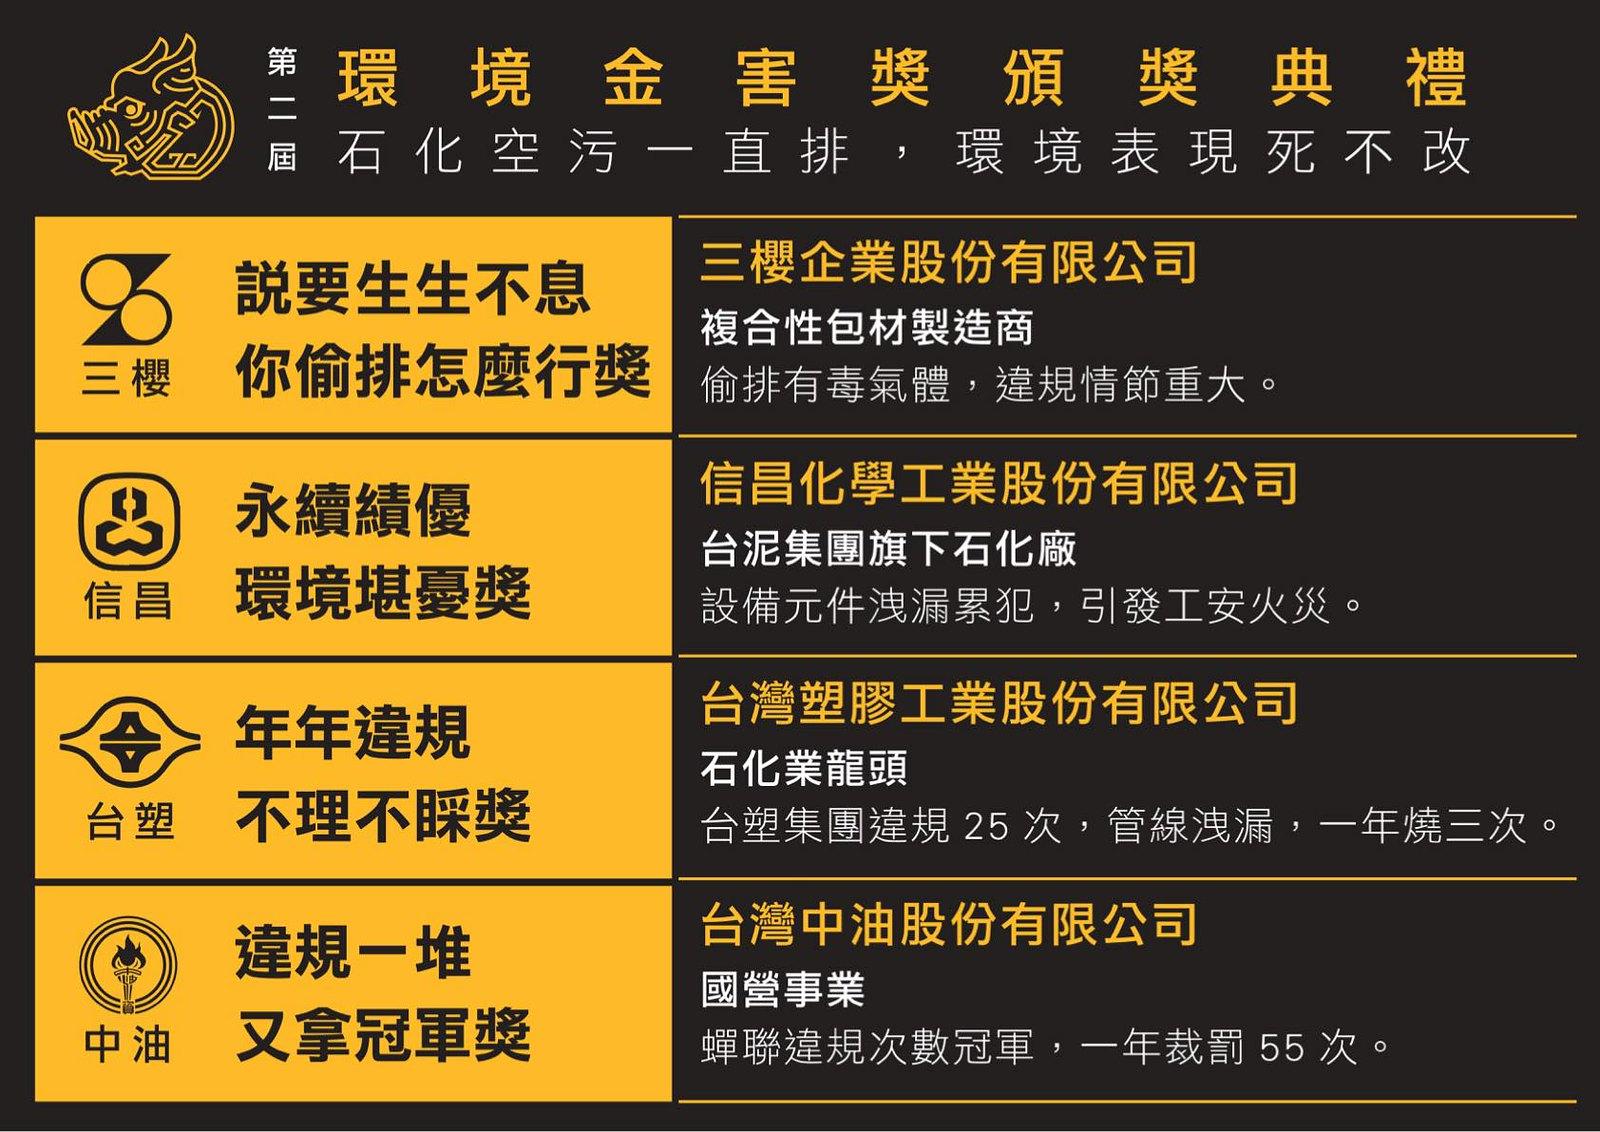 第二屆「環境金害獎」空污企業得獎名單。(圖片來源:綠色公民行動聯盟)